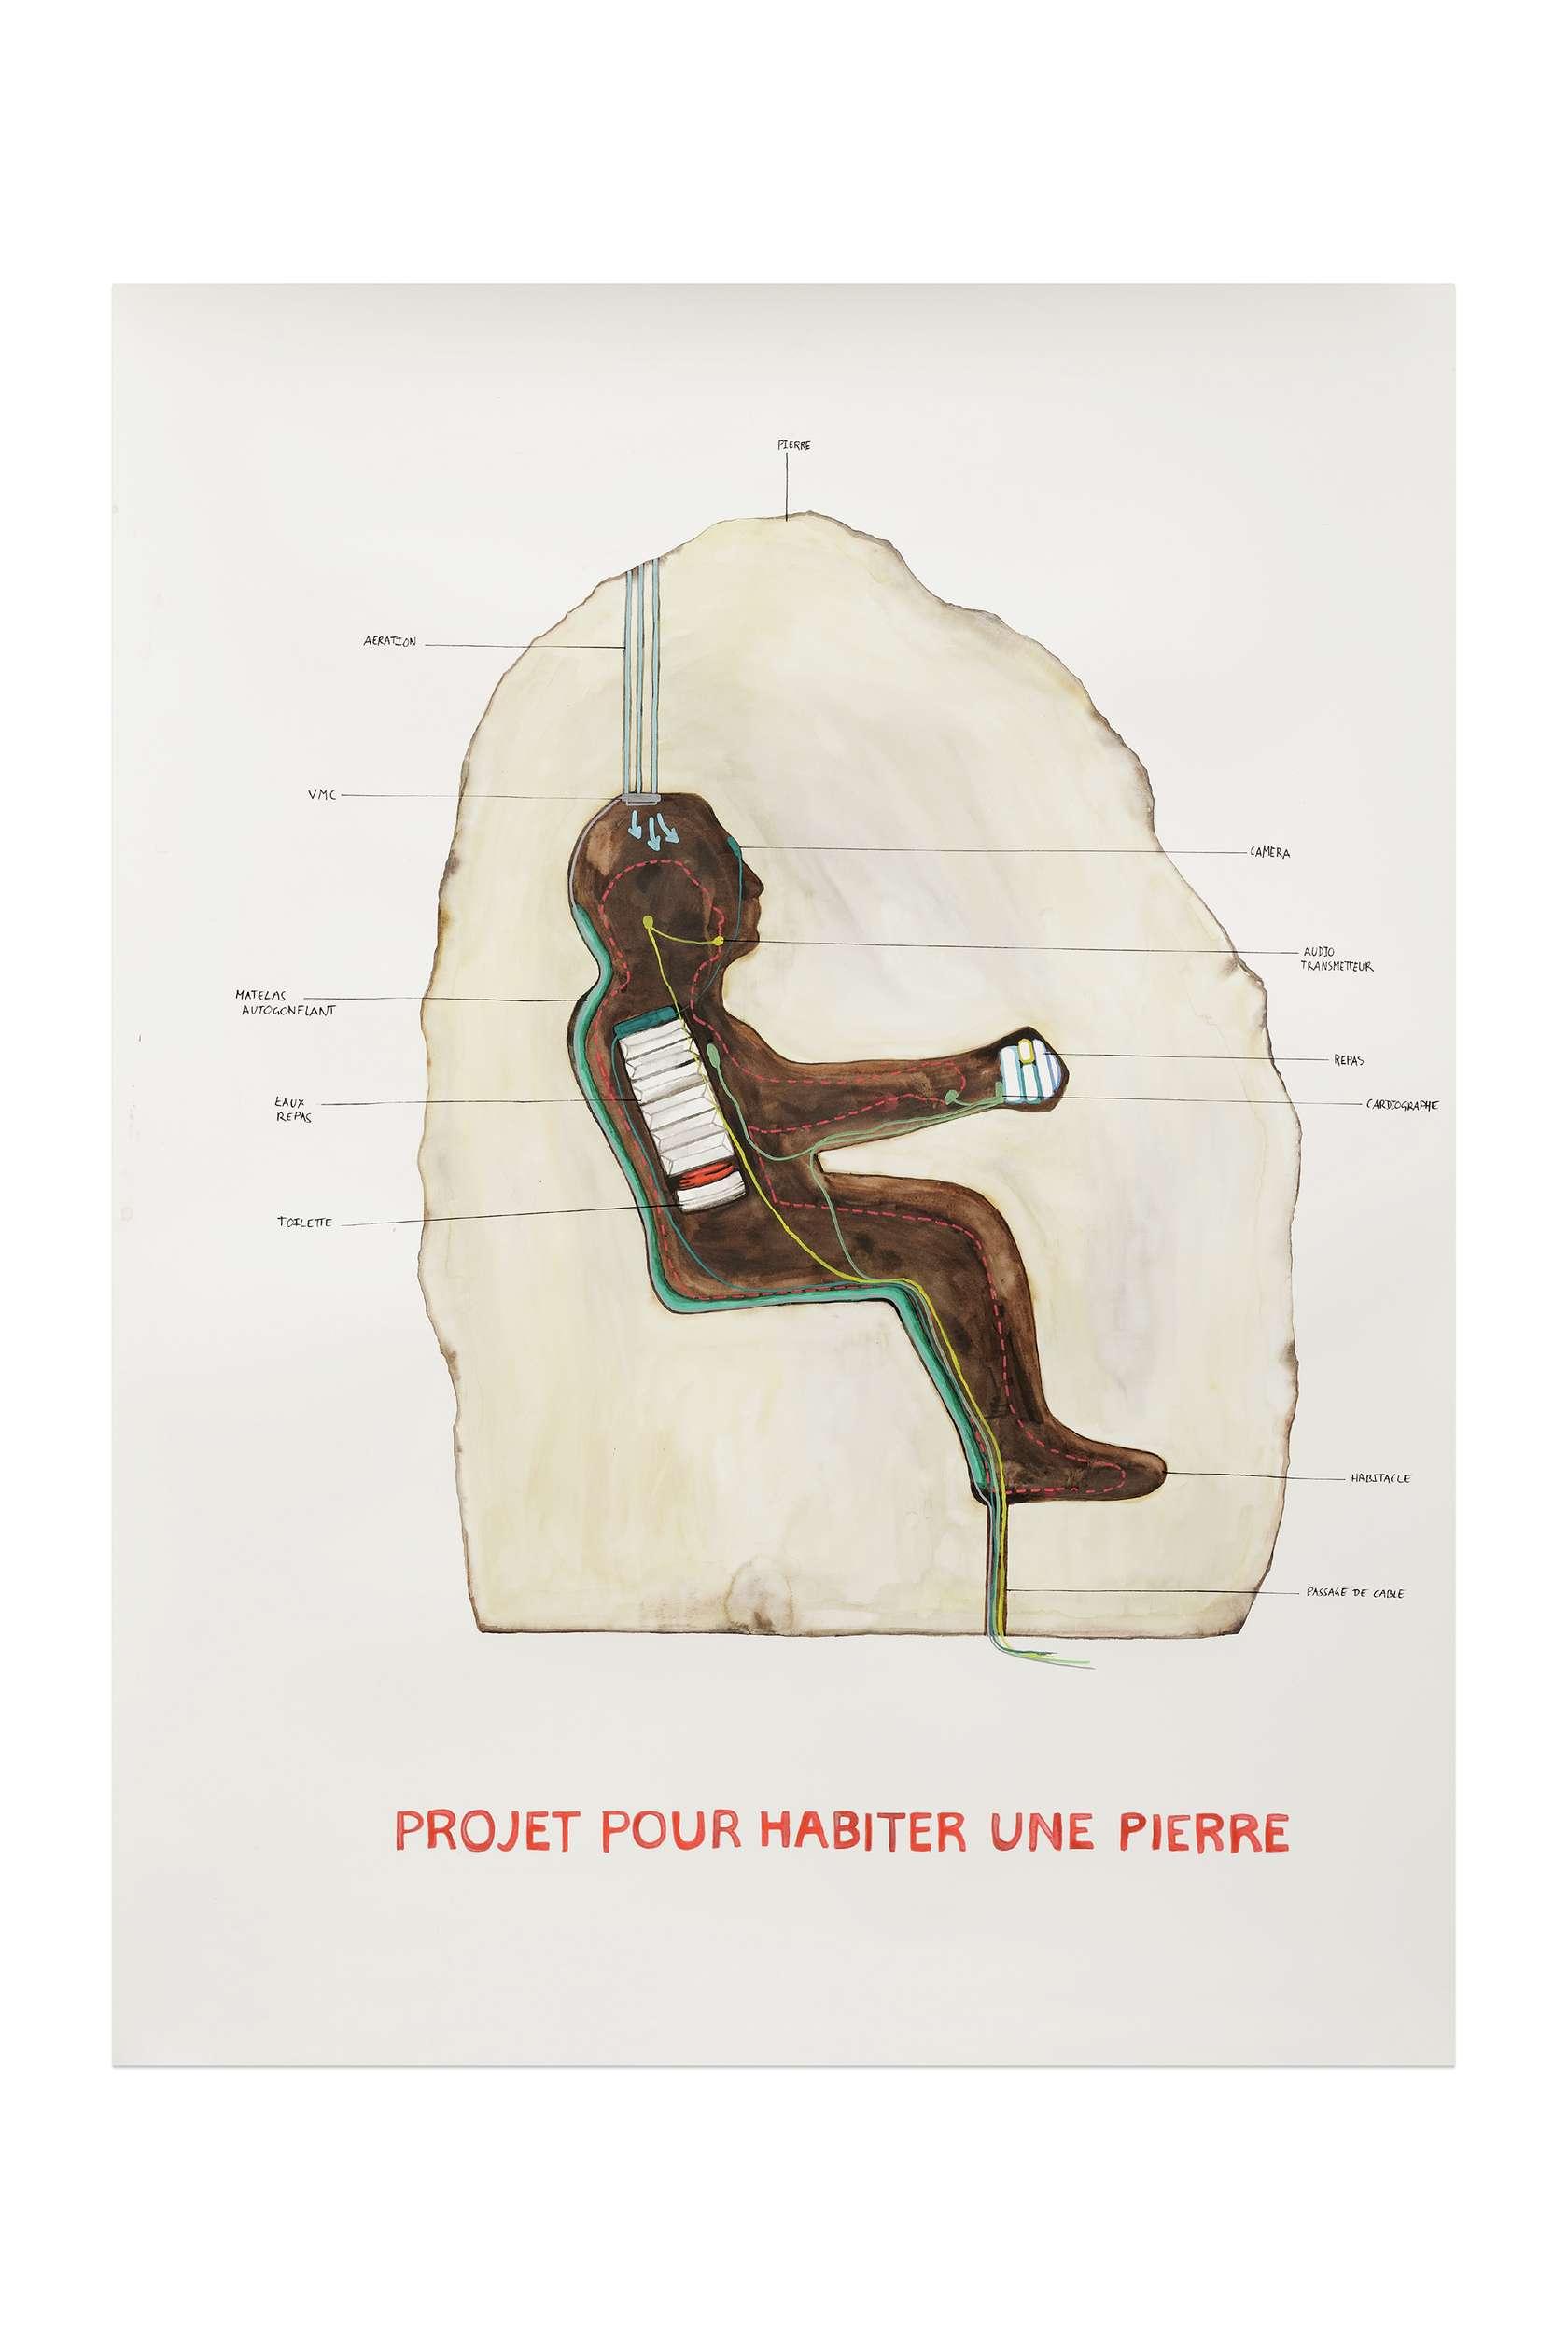 Abraham Poincheval, Projet pour habiter une pierre, 2017 Crayon et aquarelle sur papier